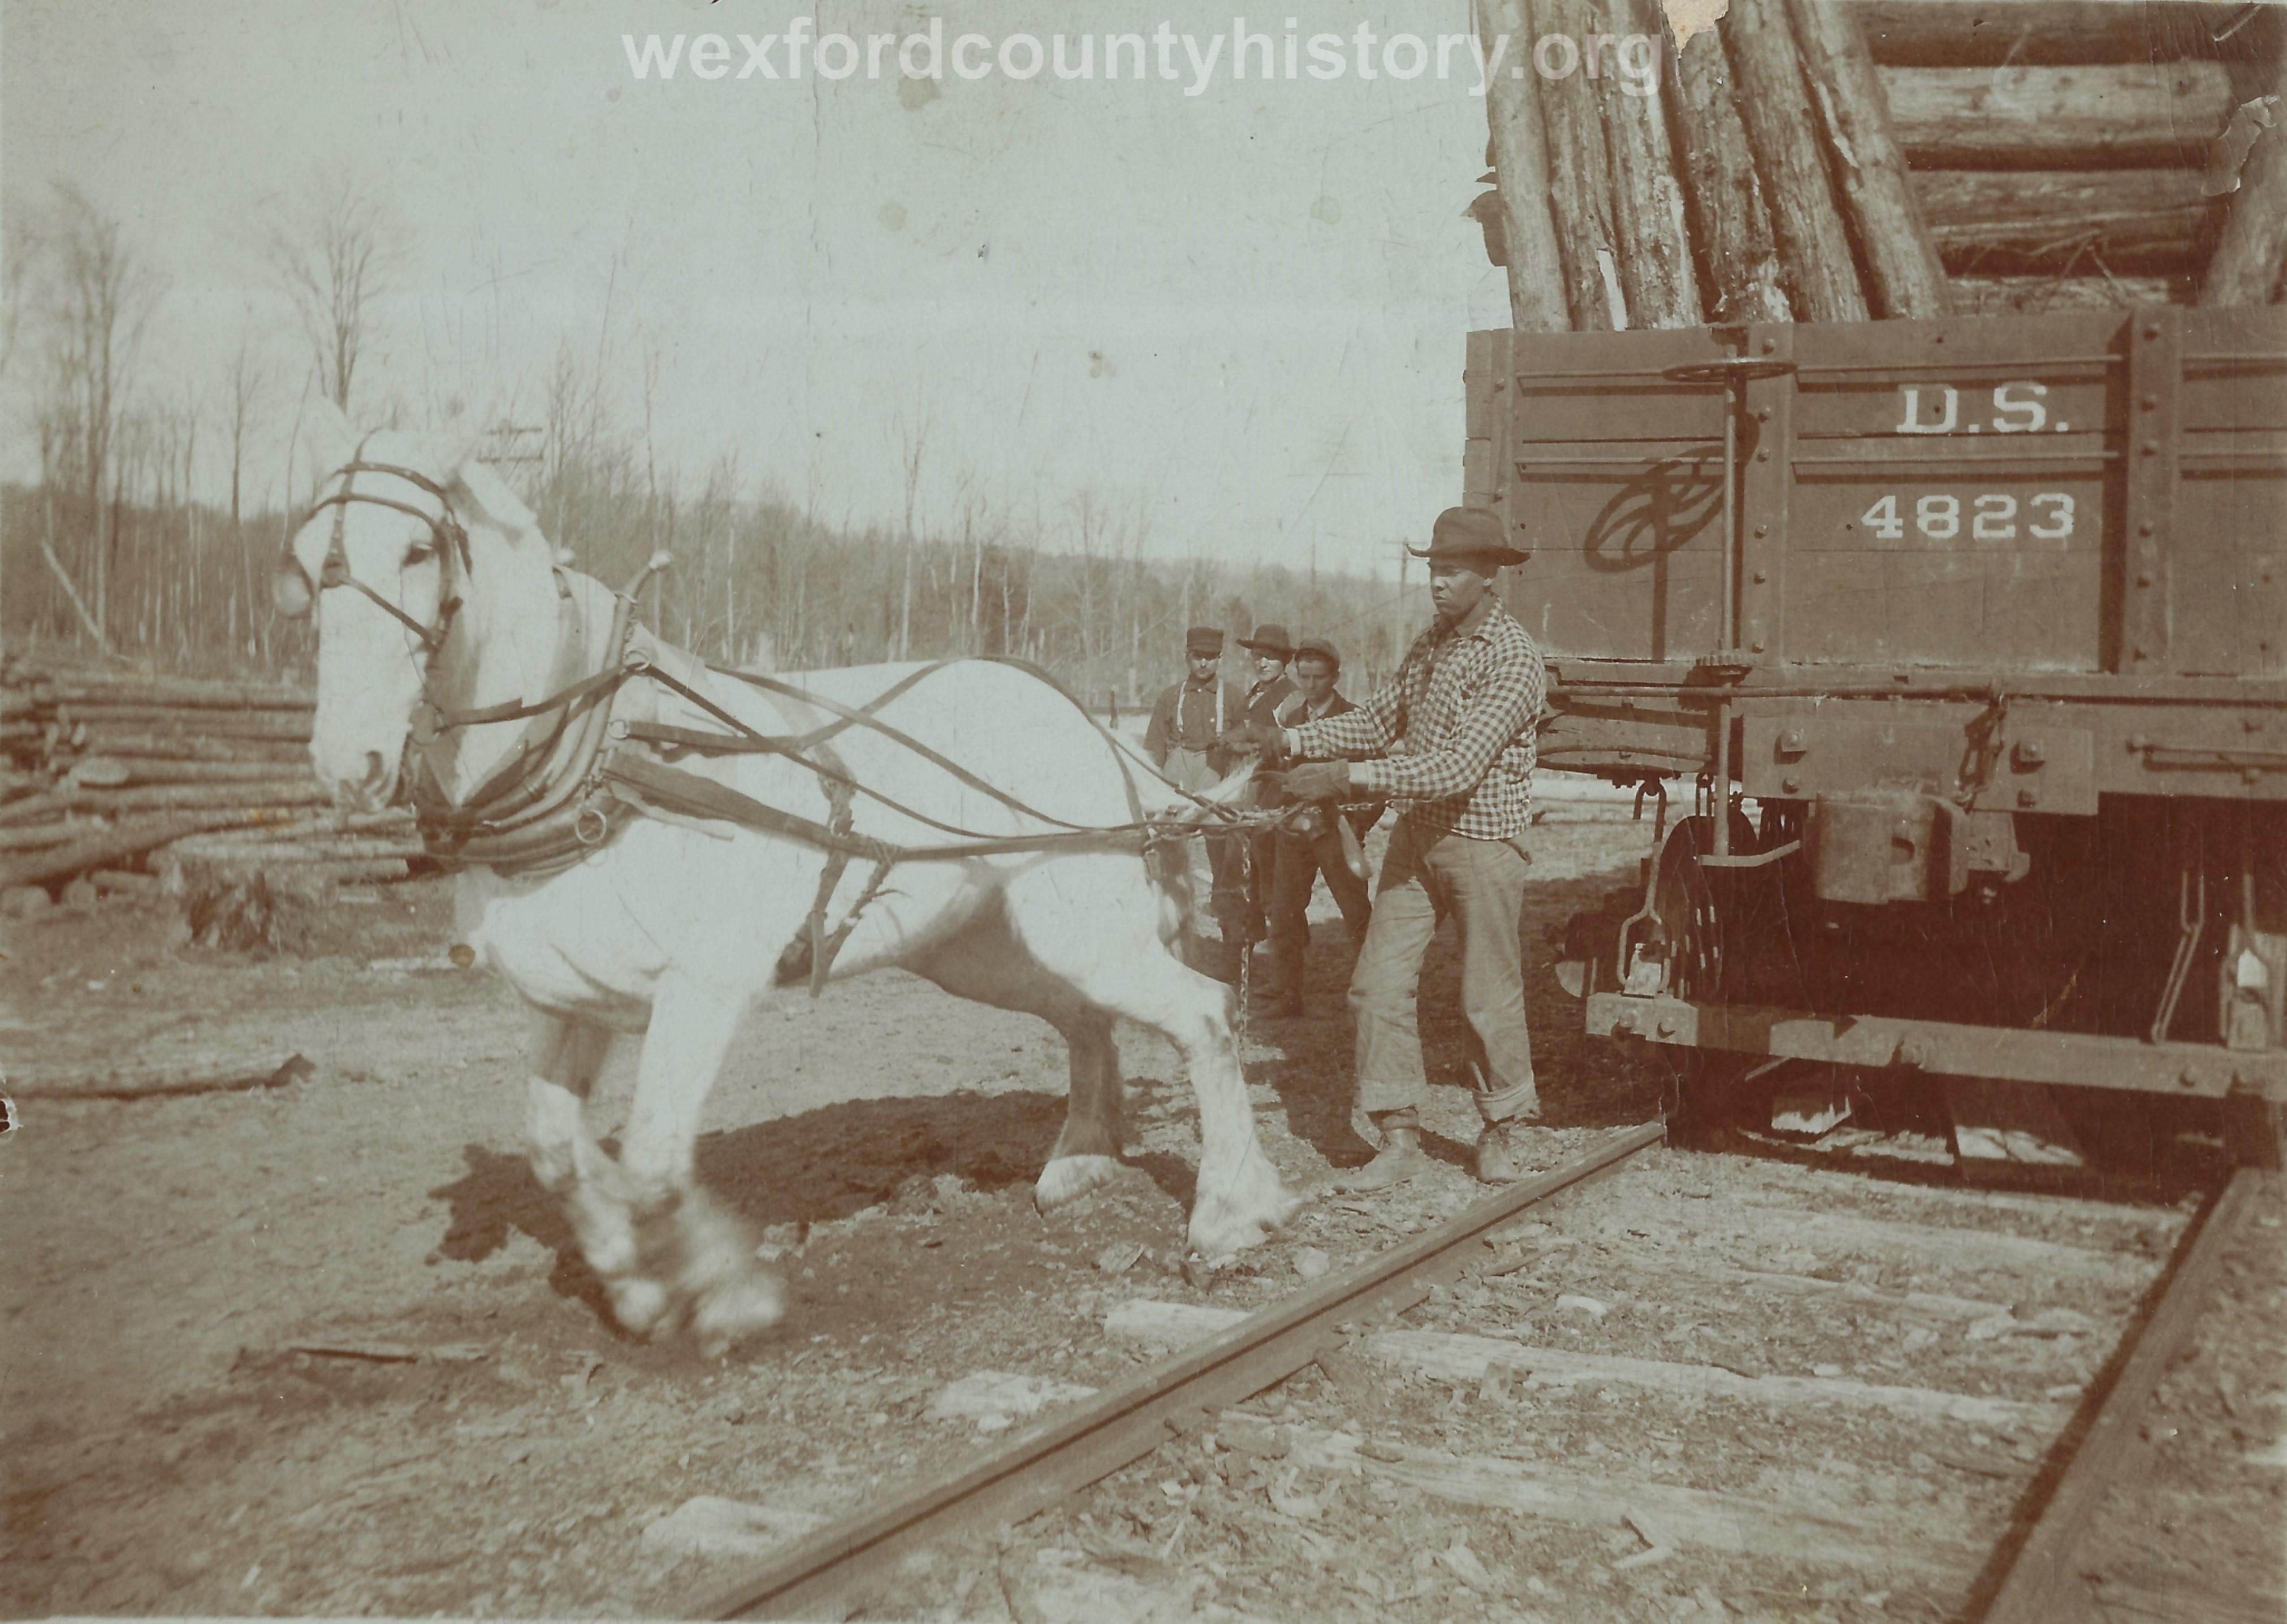 Cadillac-Lumber-White-Horse-Near-Railroad-Car